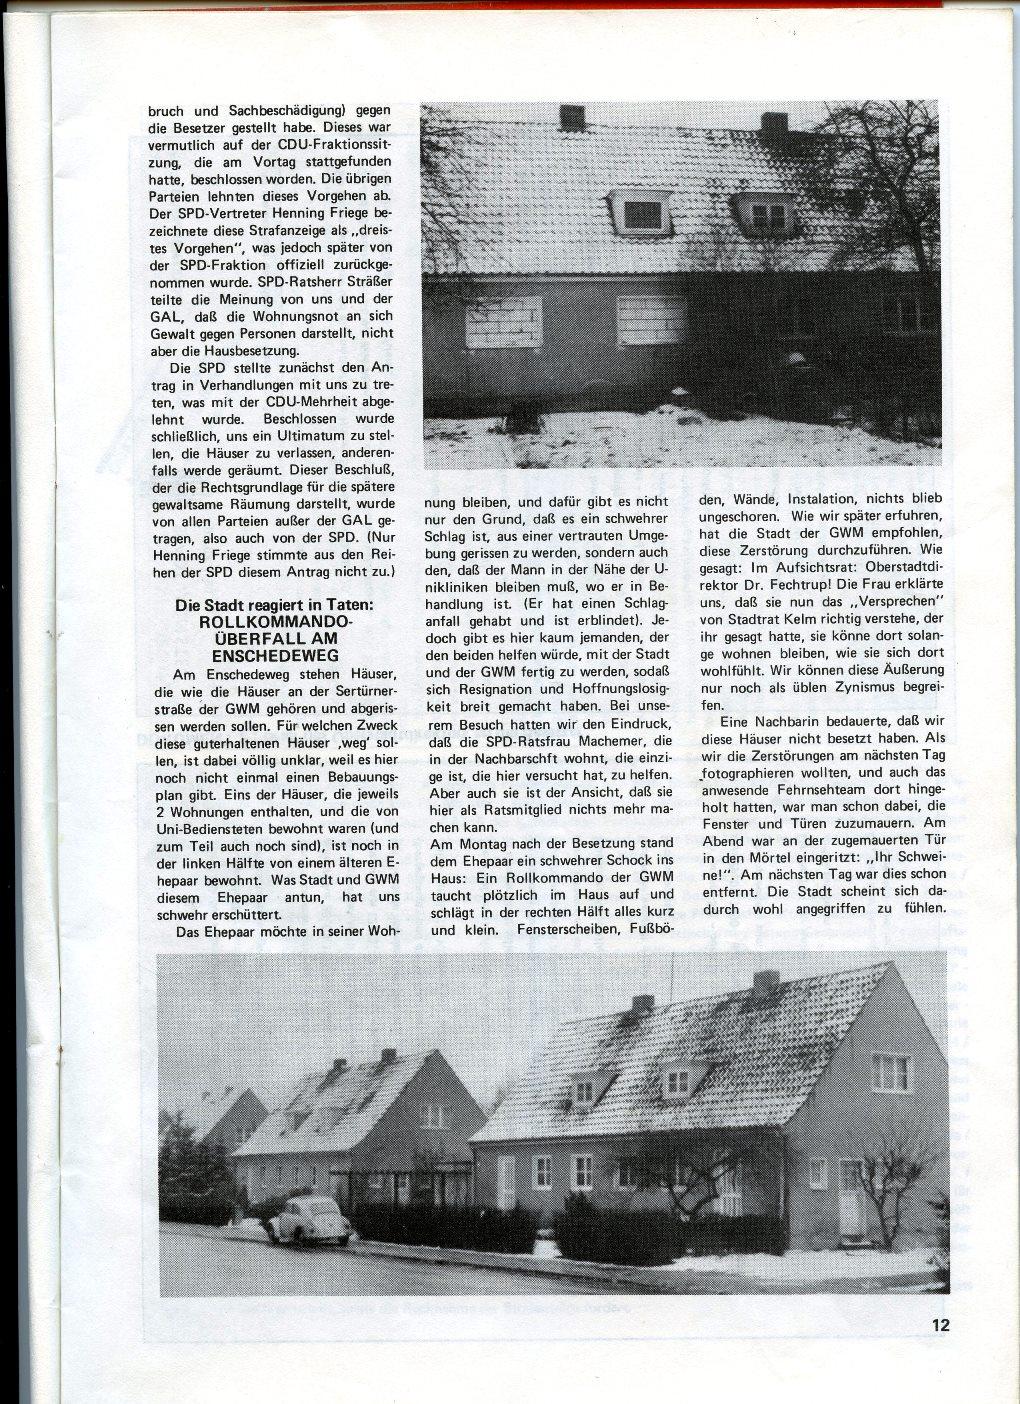 Muenster_Hausbesetzung_1980_13